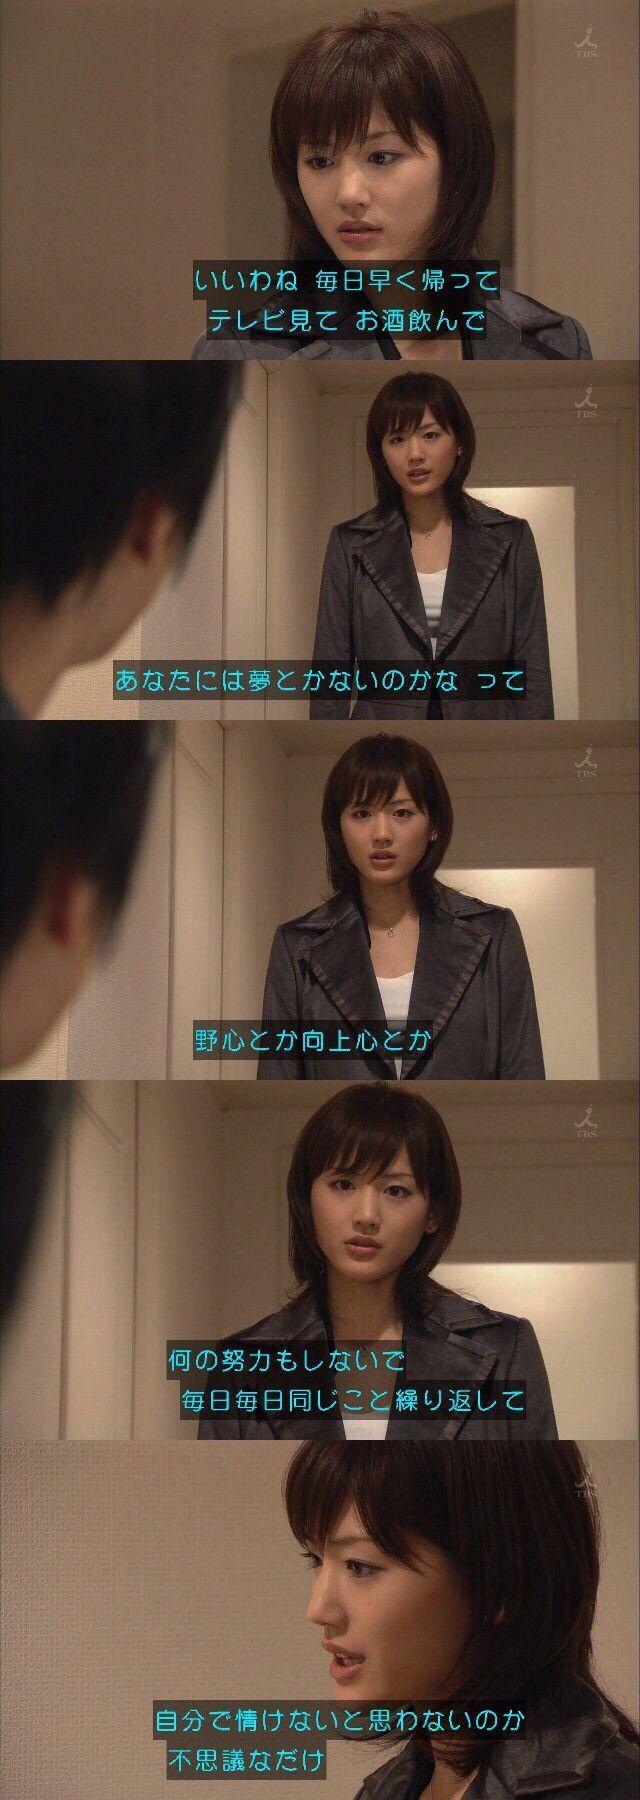 """志村けん「インスタに局部画像」の致命的な""""黒い疑惑"""" 共演女性『突然、志村さんの局部の写真がメールで送られてきた』"""